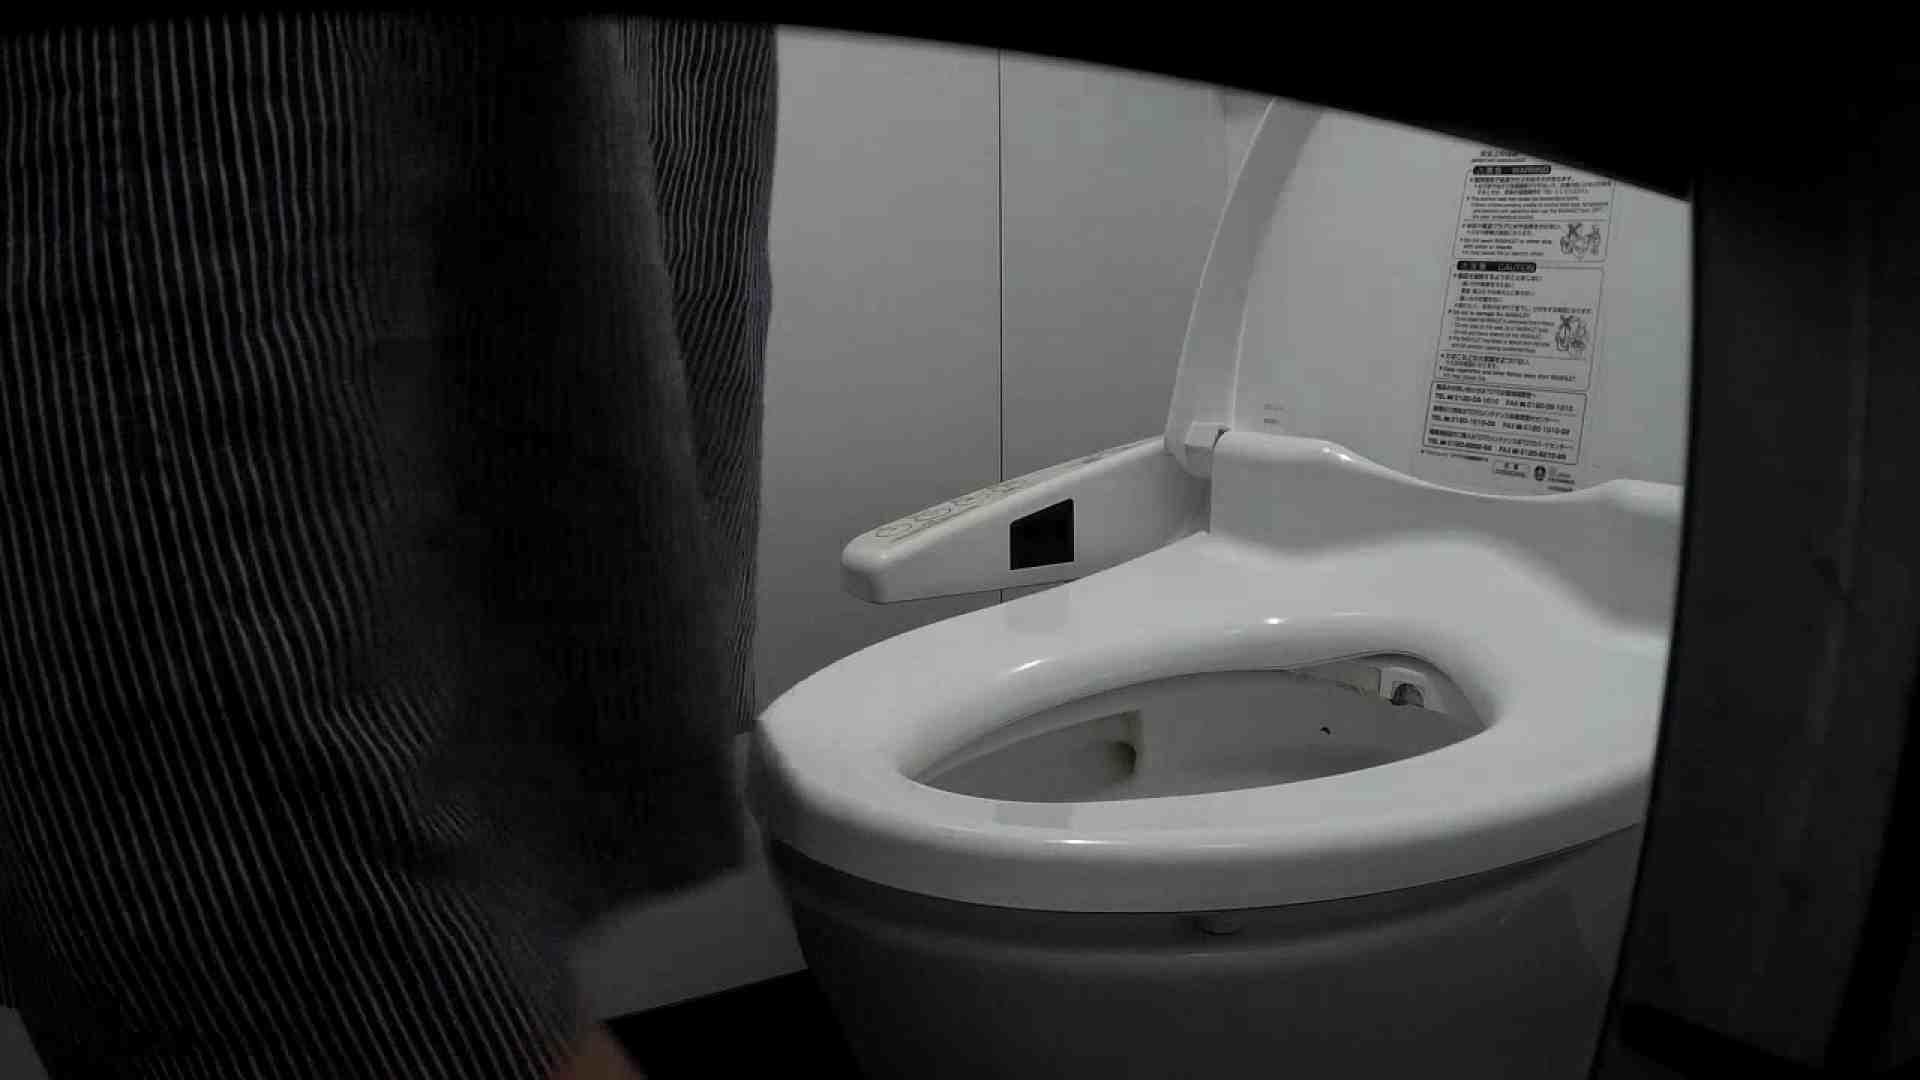 某有名大学女性洗面所 vol.34 今回は、2カメでばっちりいっちゃいました。 和式 盗撮 98PIX 88